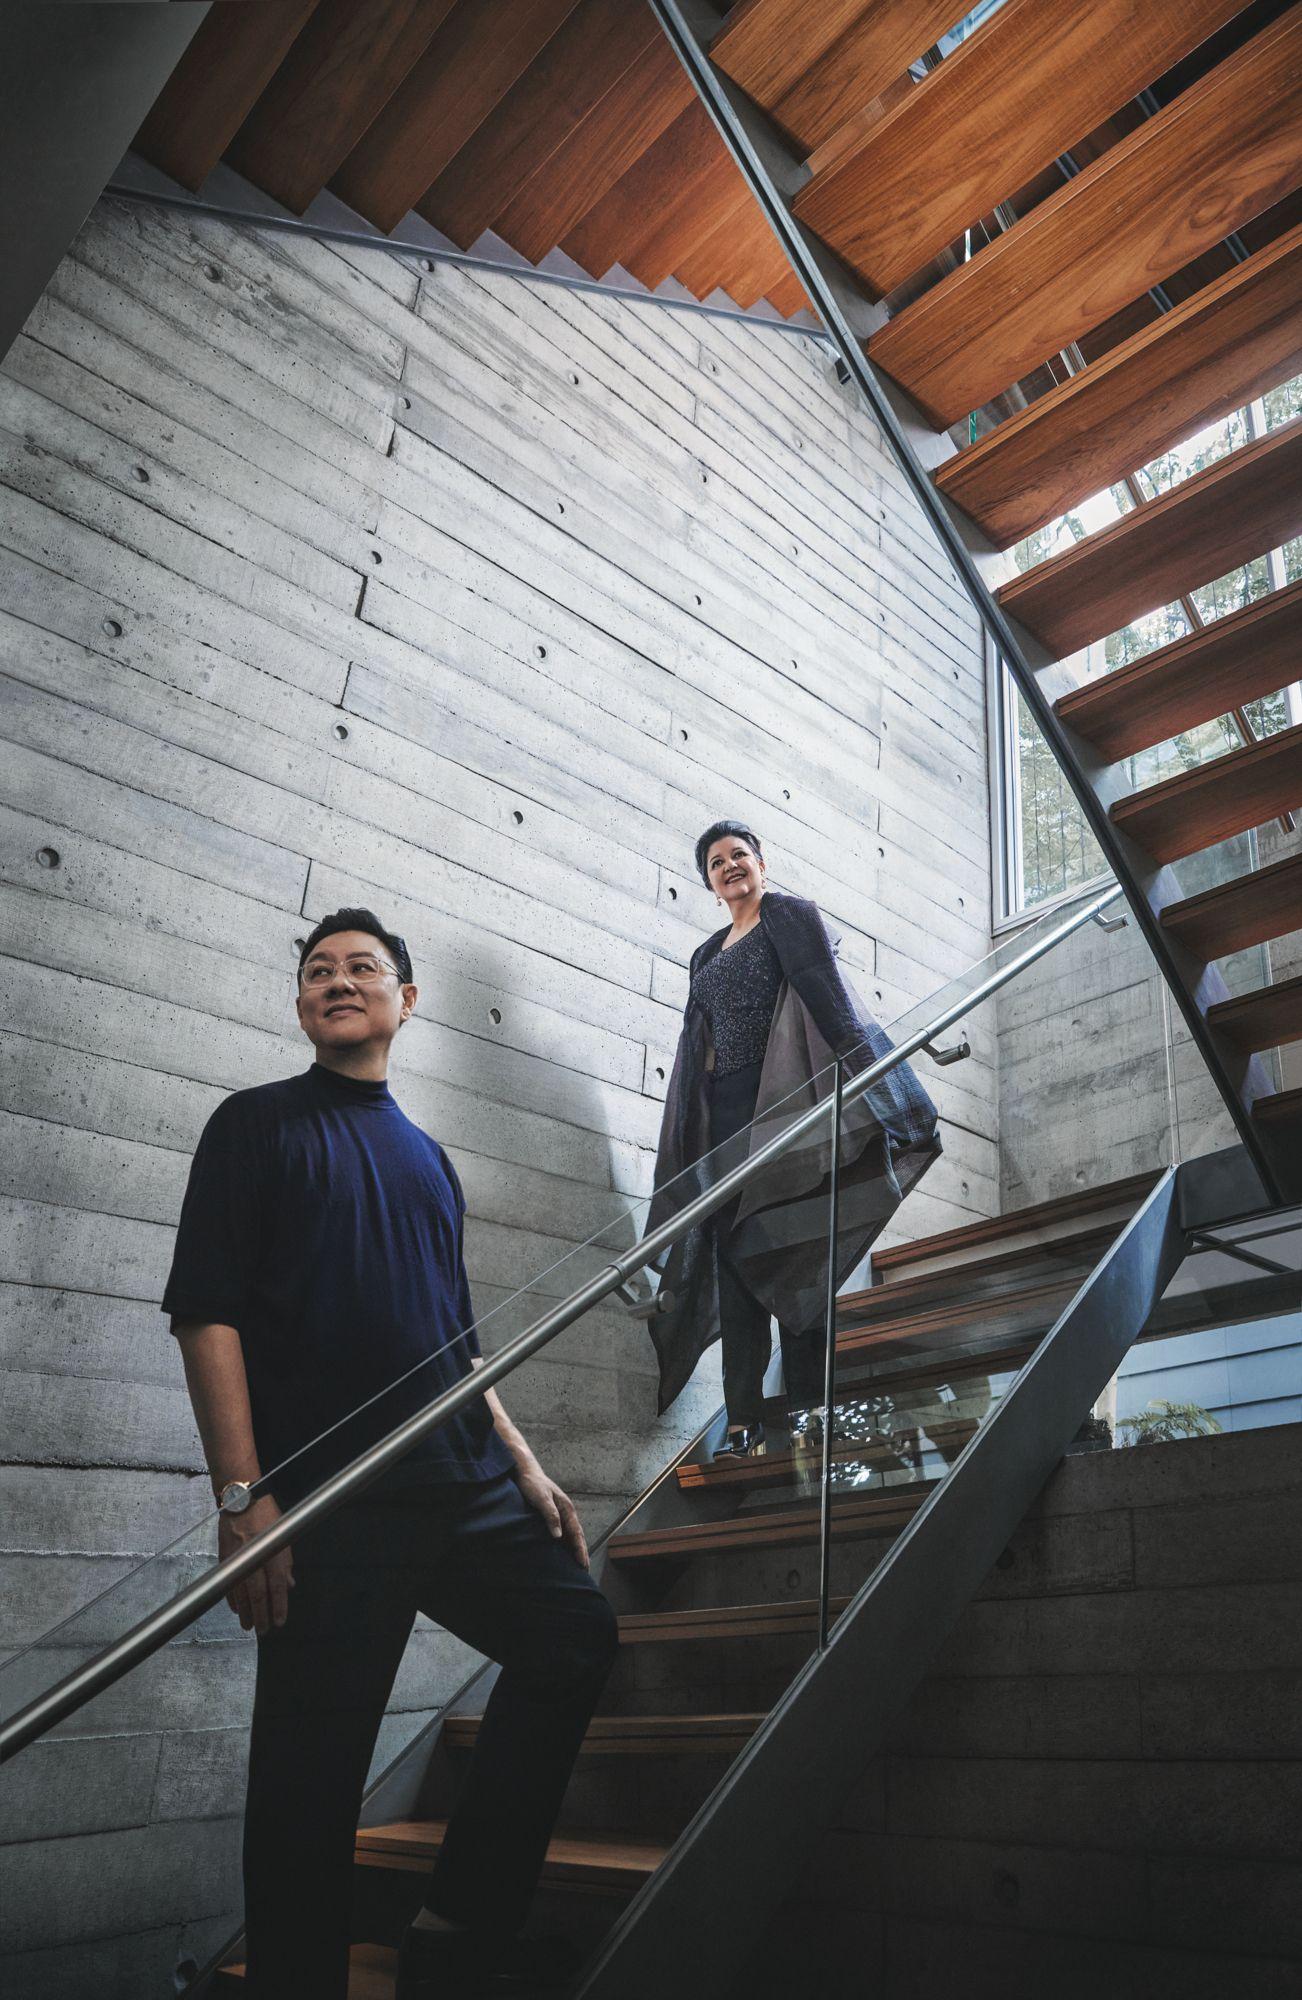 新加坡最美環保建築!Wow Architects 兩位創辦人帶逛自家美宅,維繫生態不遺餘力